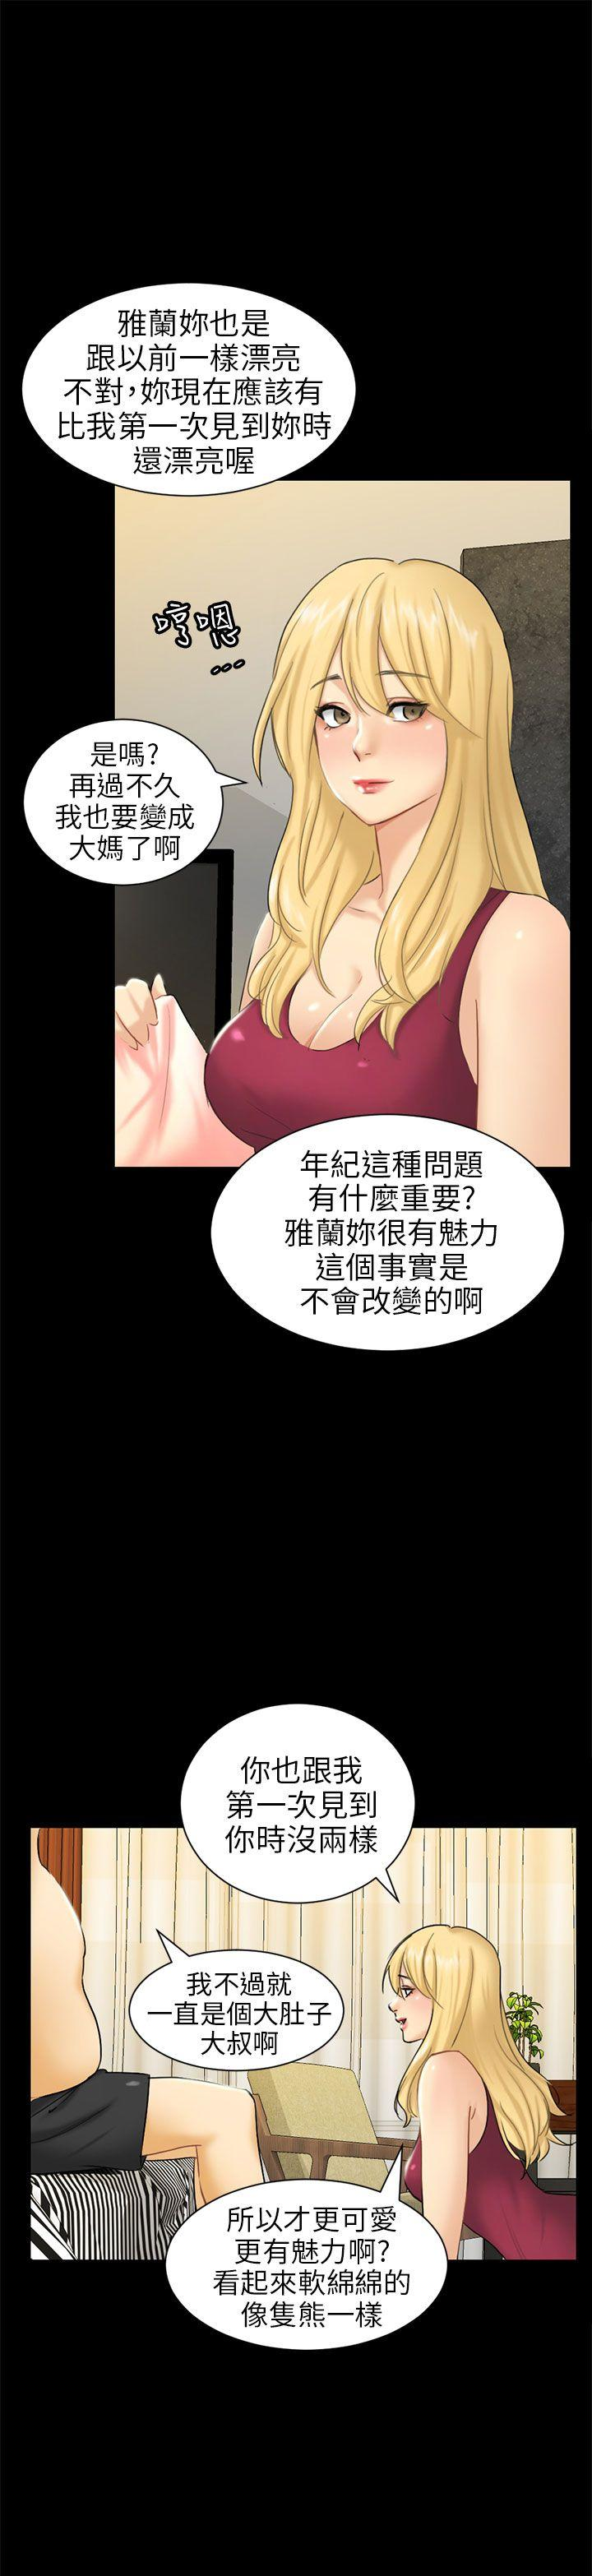 騙局-第4話 密會全彩韩漫标签